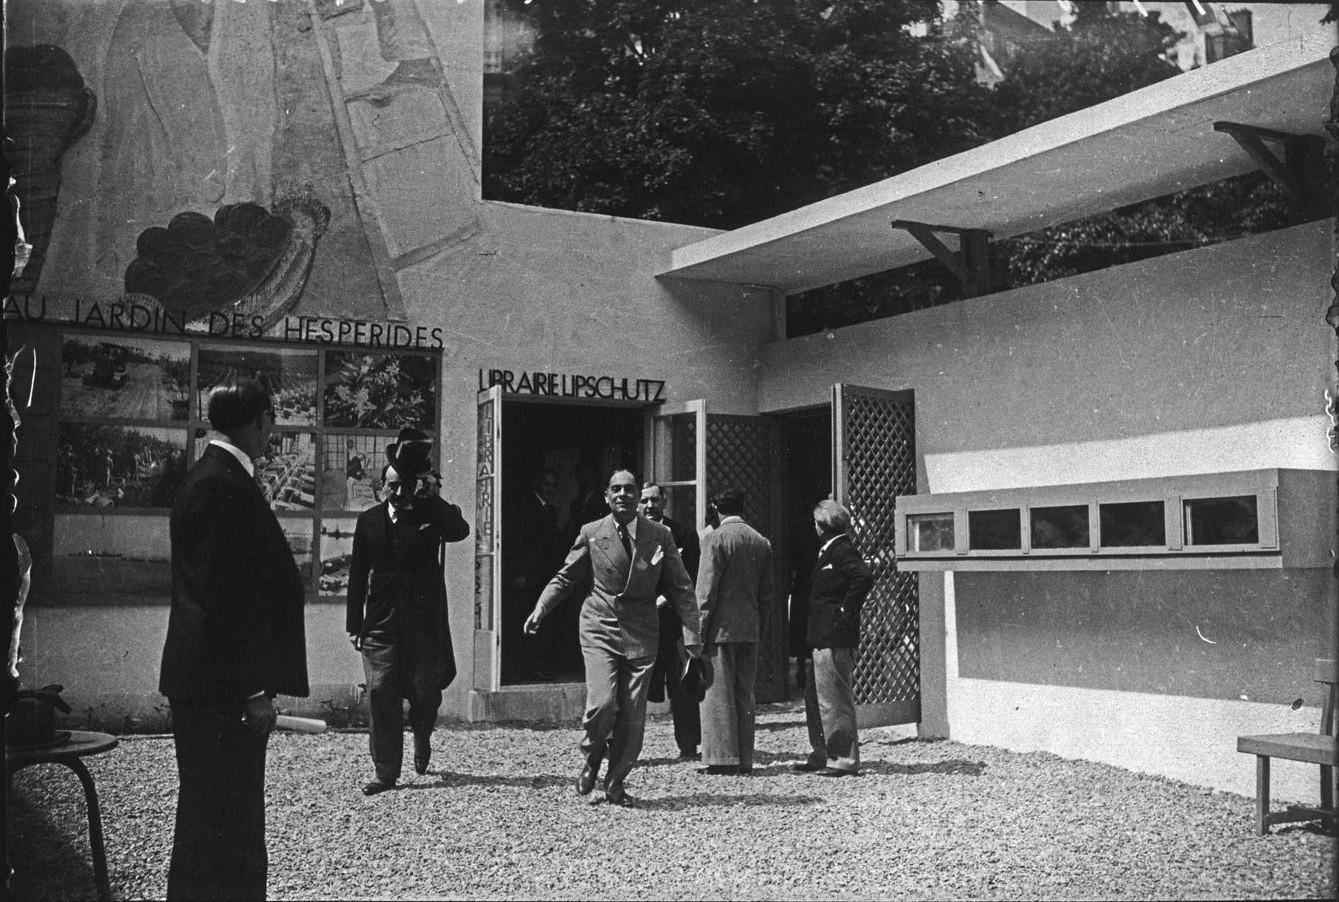 Торжественное открытие павильона Израиля-Палестины. Г-н Поль Бастид со шляпой в руке. 23 мая 1937